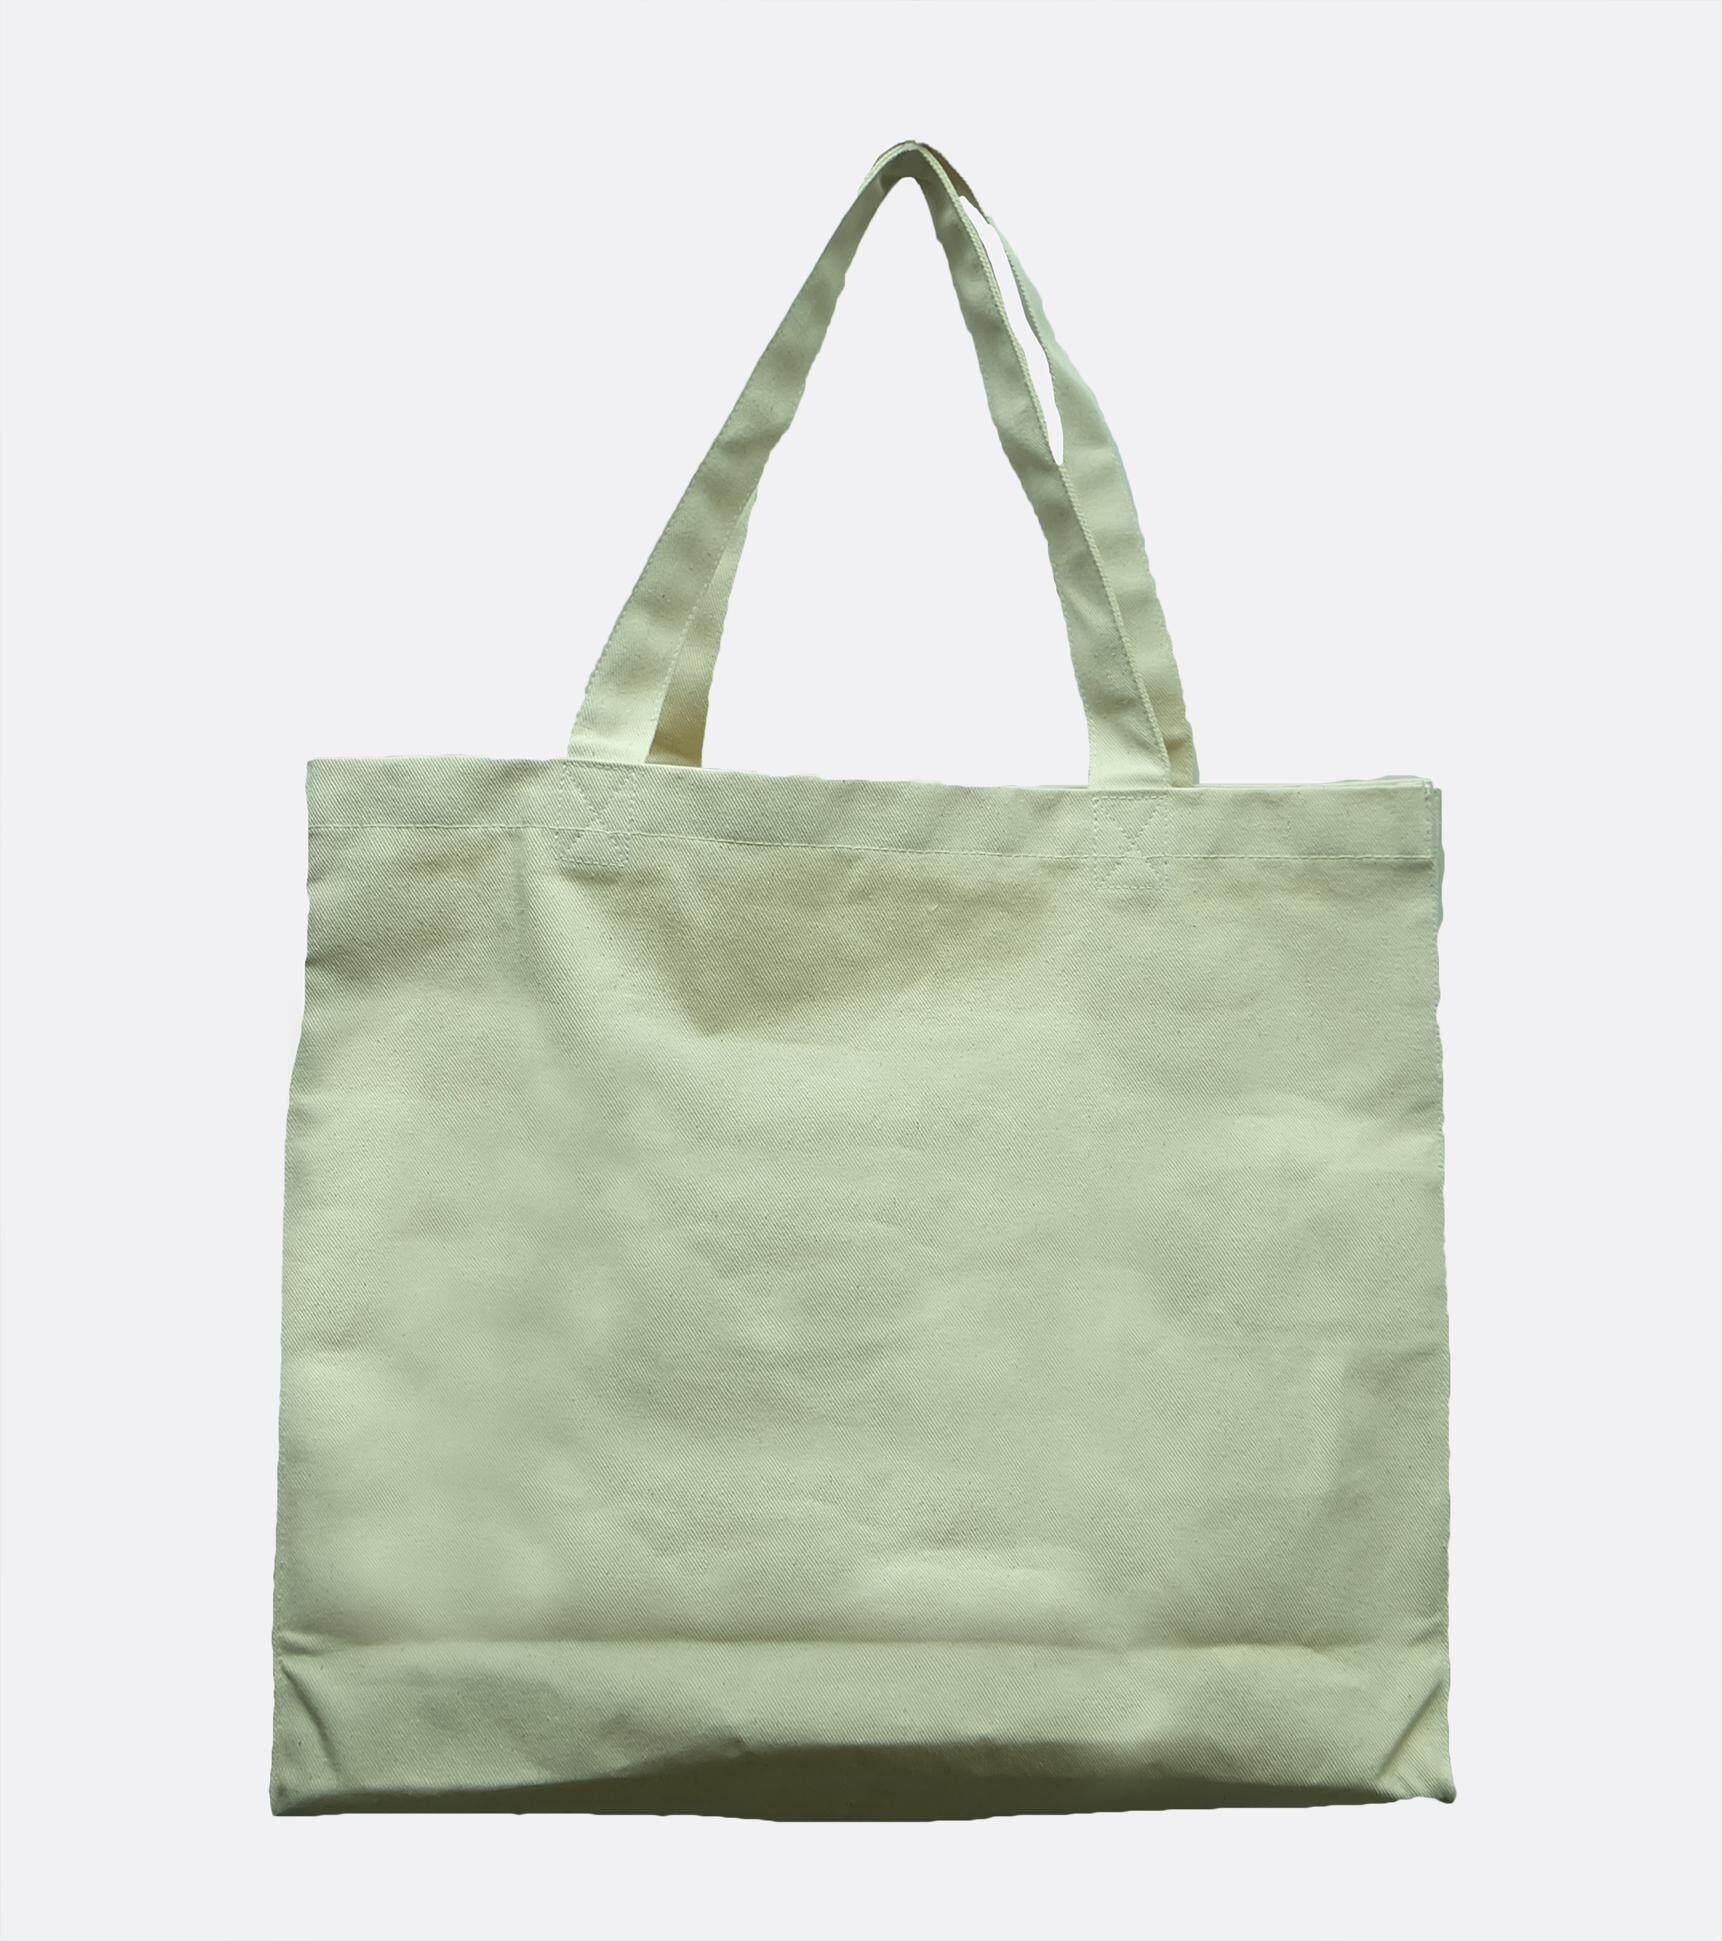 กระเป๋าเป้ นักเรียน ผู้หญิง วัยรุ่น สระบุรี USA Cotton 14 8 x 16 5 นิ้ว ผ้าคอตตอนทวิลพรีเมี่ยม กระเป๋าผ้า ถุงผ้าดิบ tote bag  คงทน เบา สวย คลาสสิค